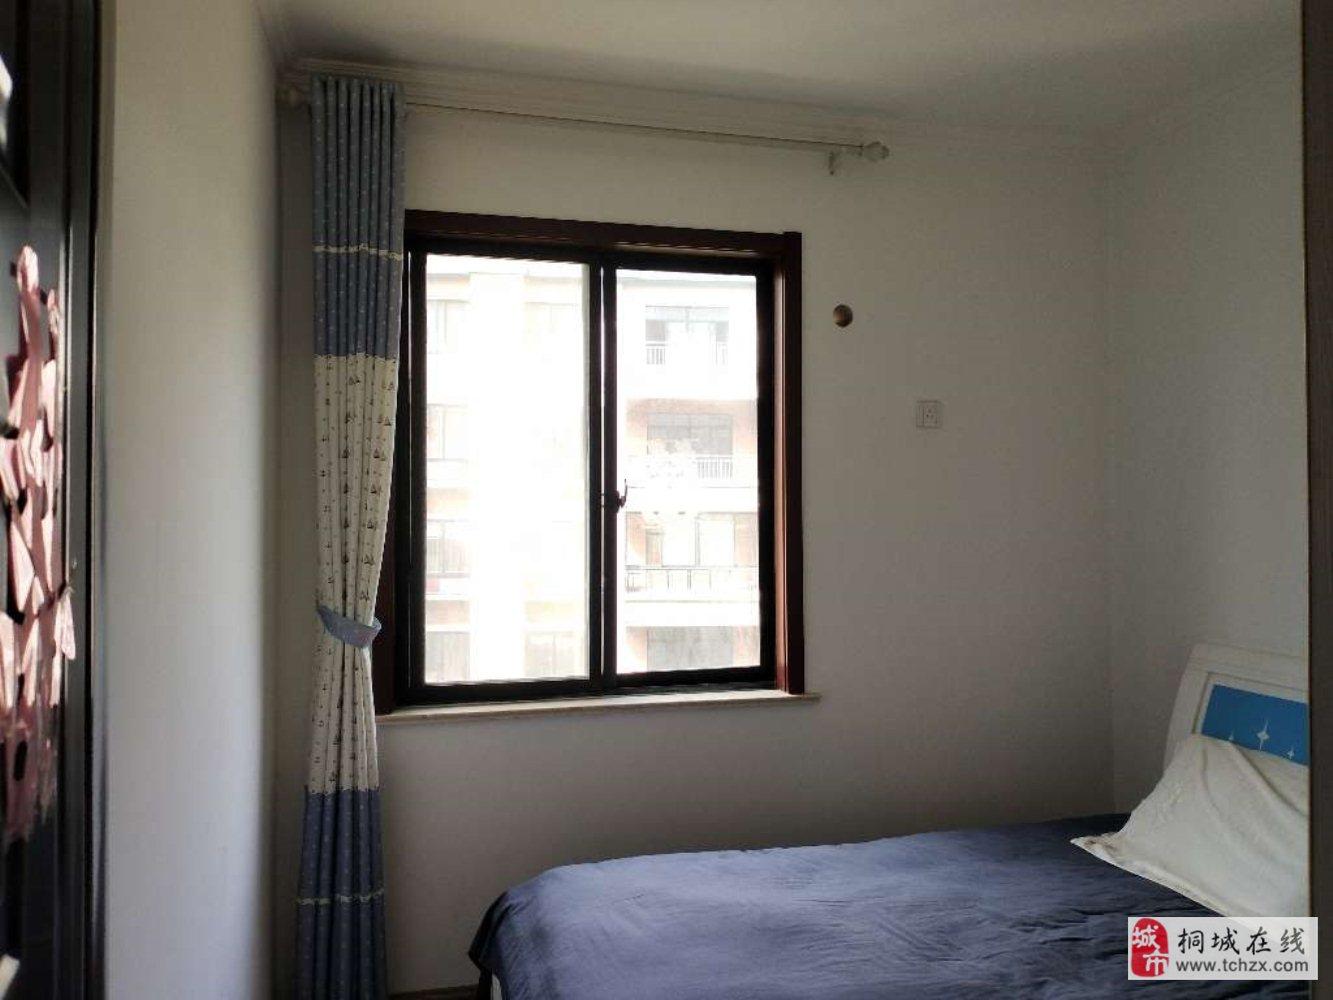 新东方世纪城园林小区婚房装修三房双阳台好楼